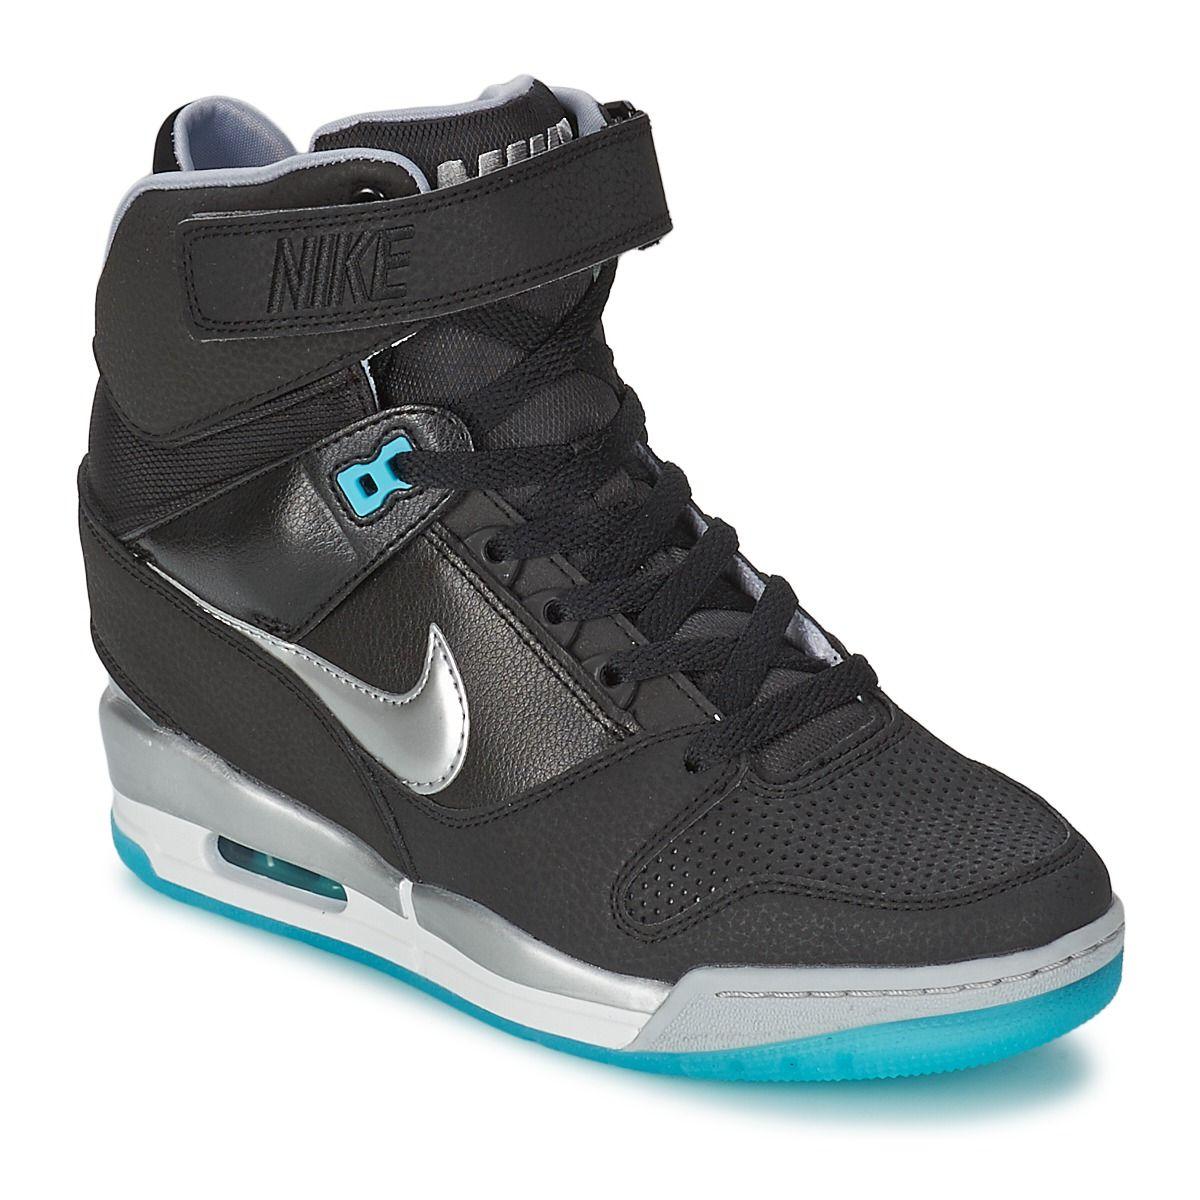 low priced 7c41b 021e4 Nike AIR REVOLUTION SKY HI Noir